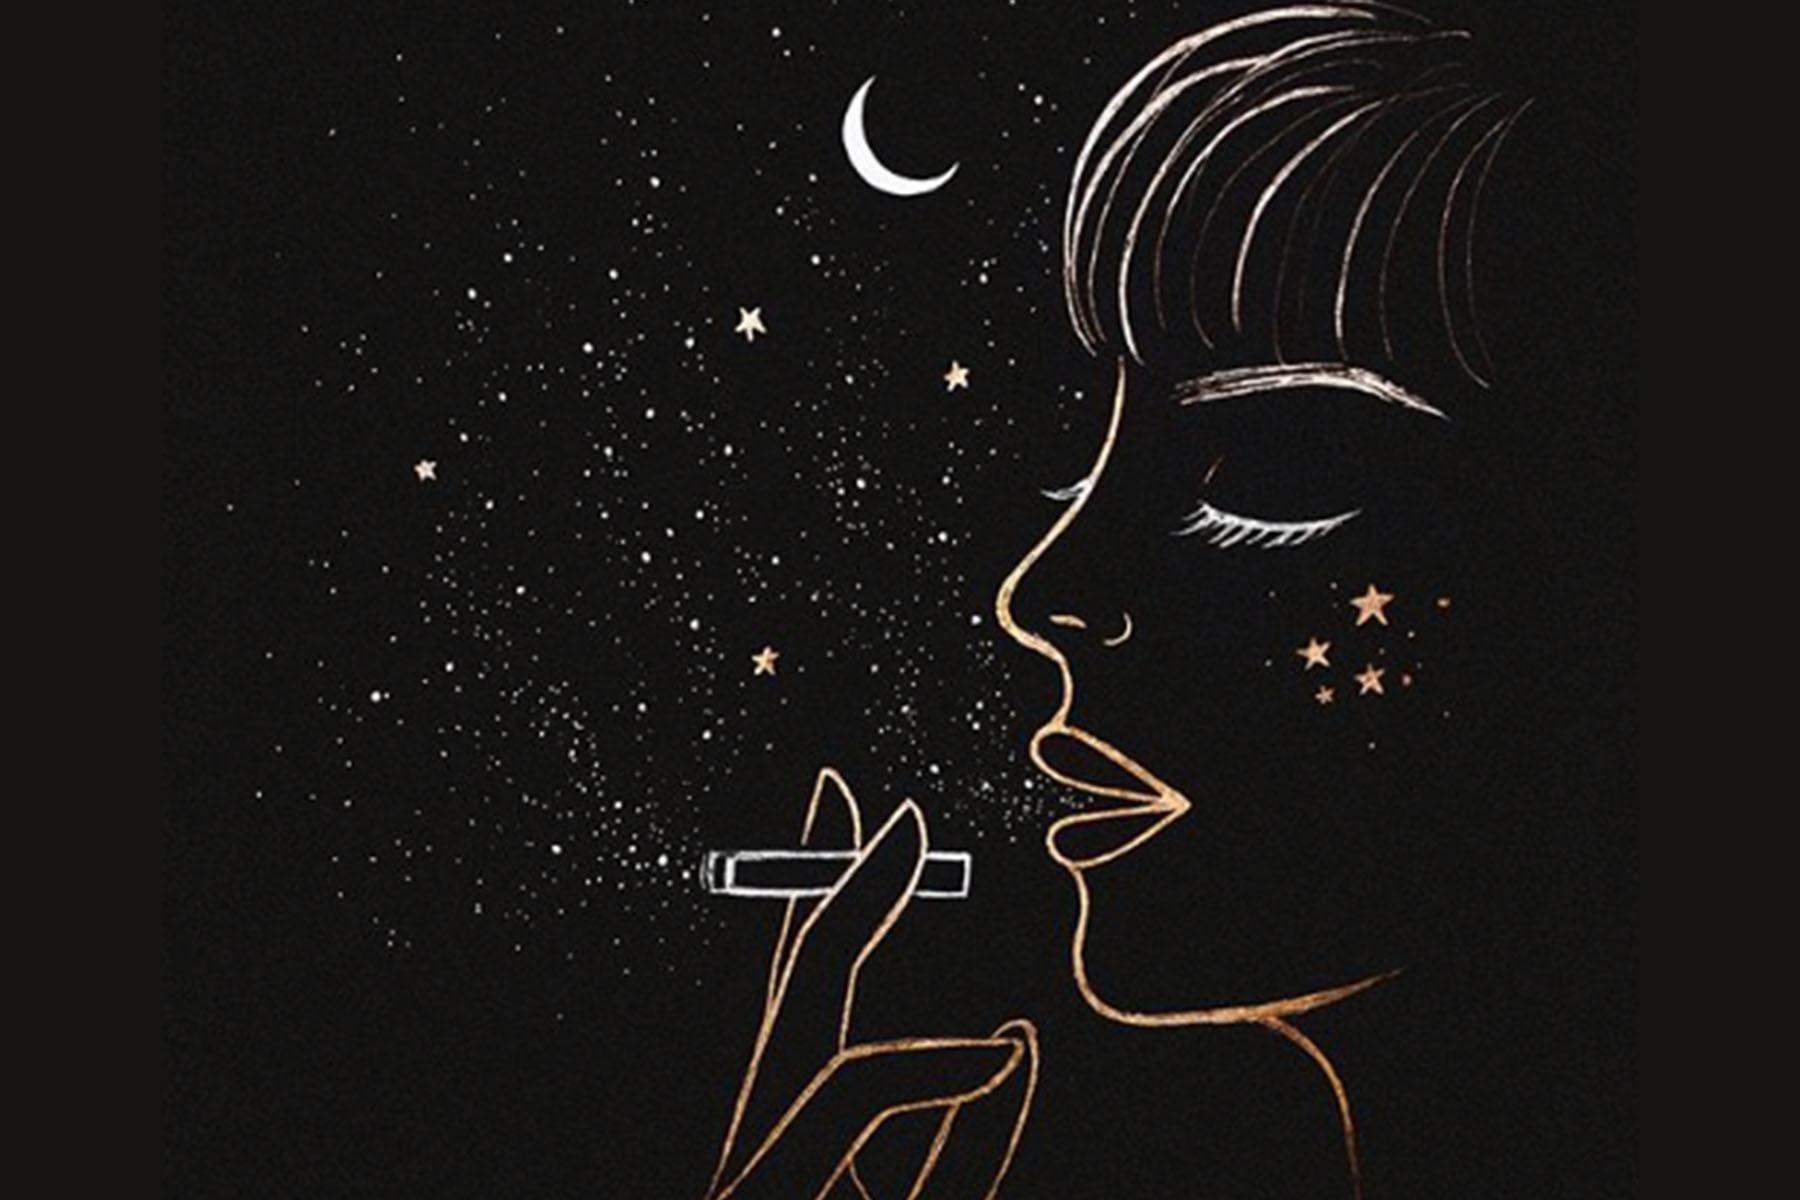 smoking stardust